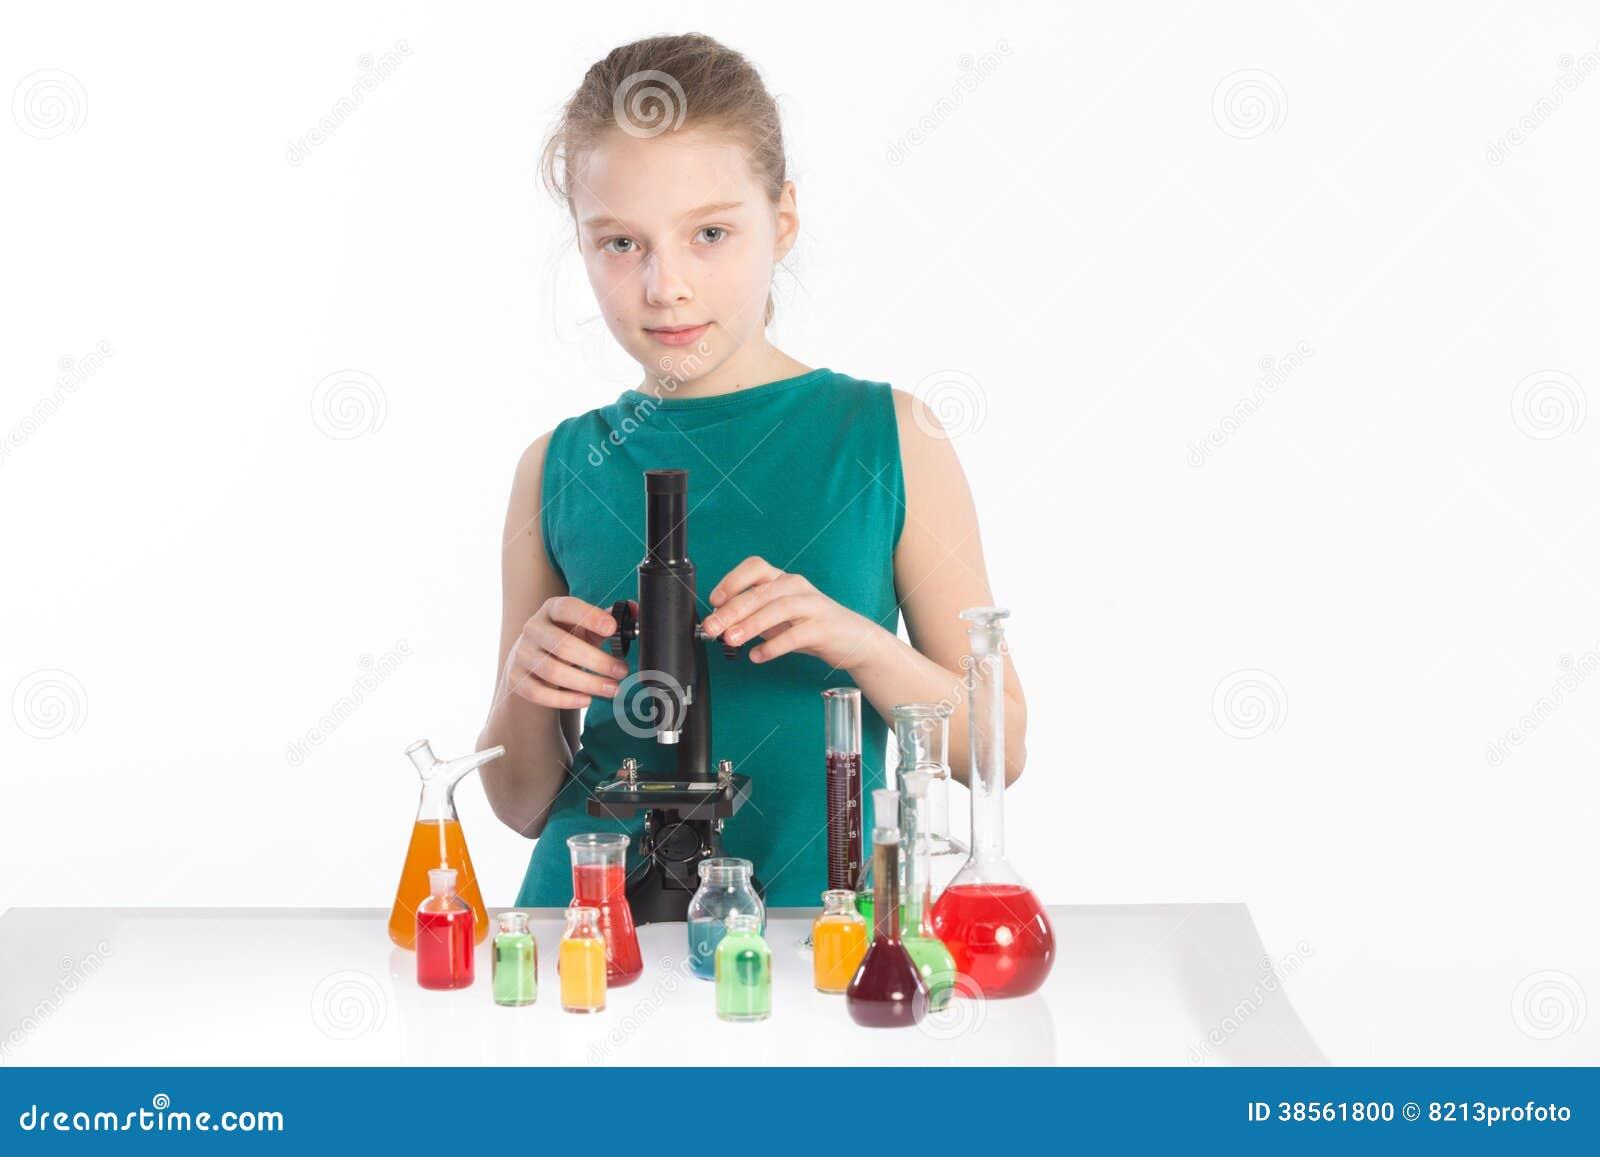 CHEM101: General Chemistry I